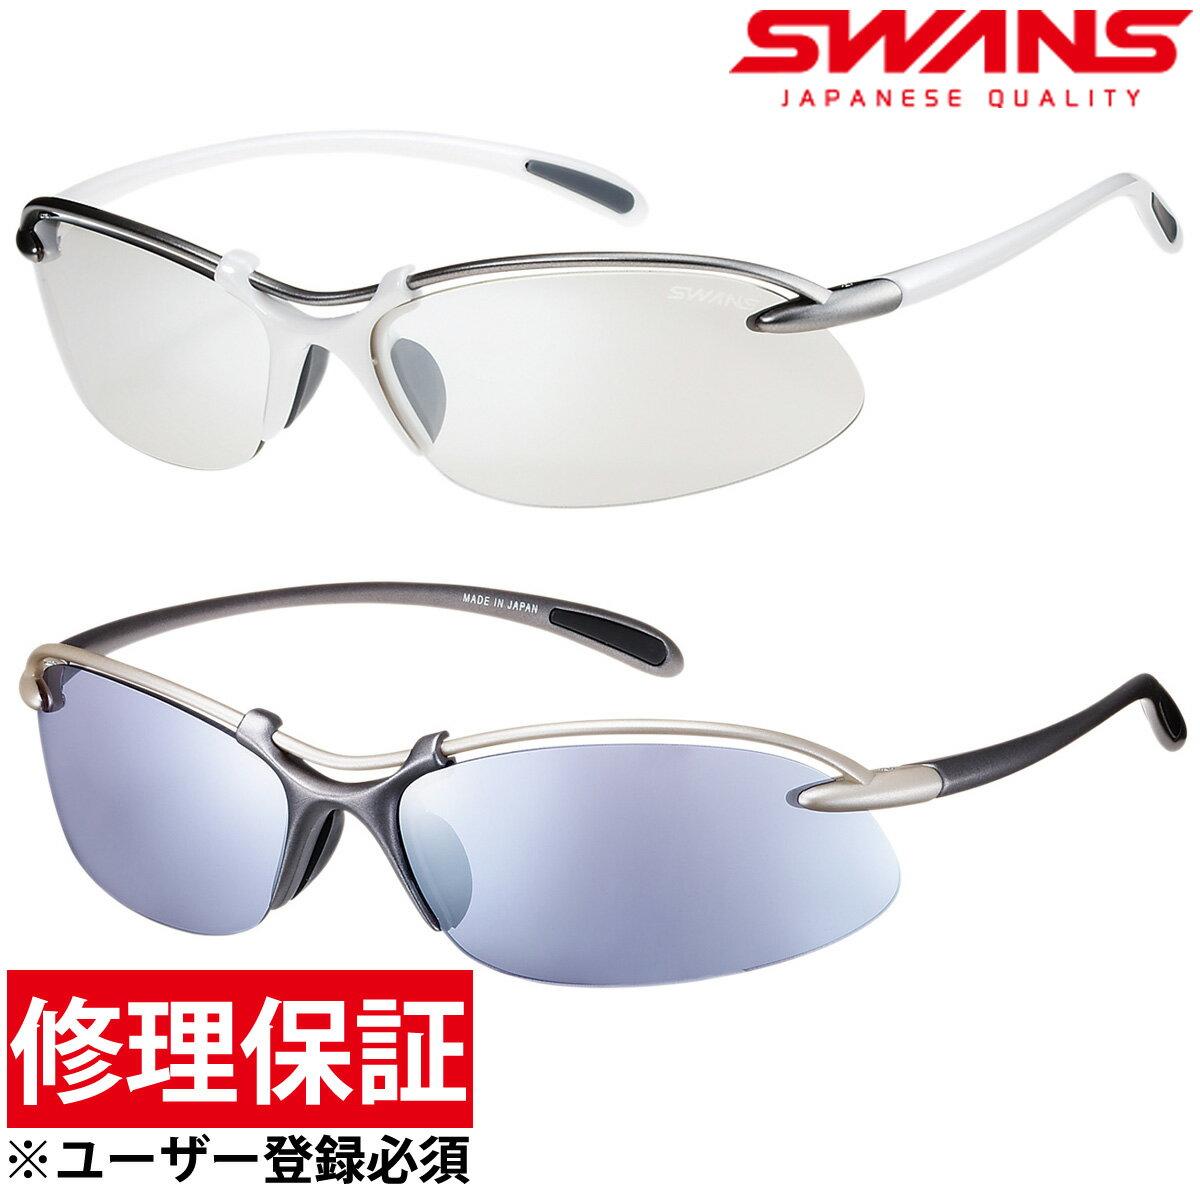 【20日限定クーポン配布中】スポーツサングラス エアレスウェイブ[Airless-Wave] サングラス メンズ SWANS スワンズ ゴルフ UV 紫外線カット SWANS スワンズ